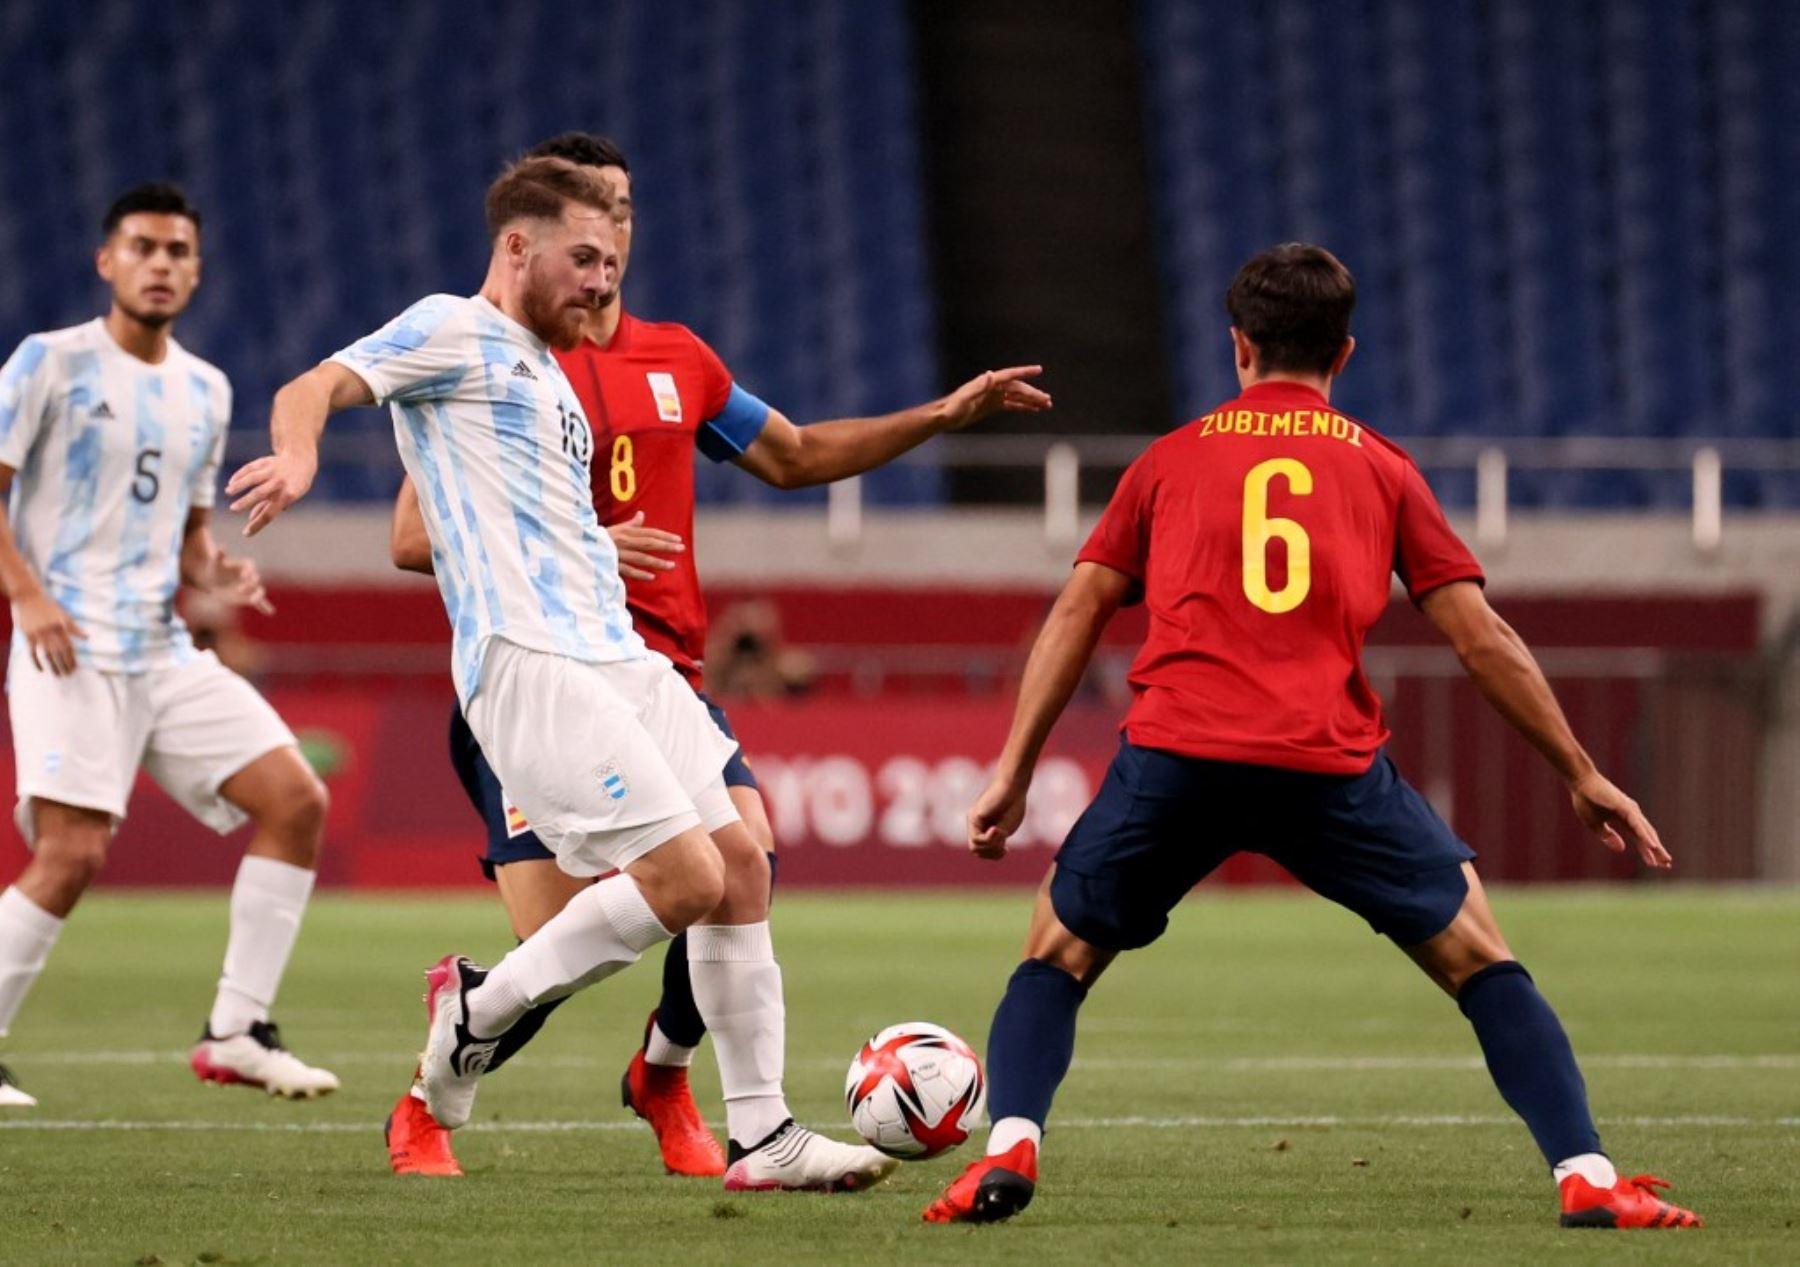 Los argentinos vieron frustradas su ilusión de ganar una medalla en fútbol masculino